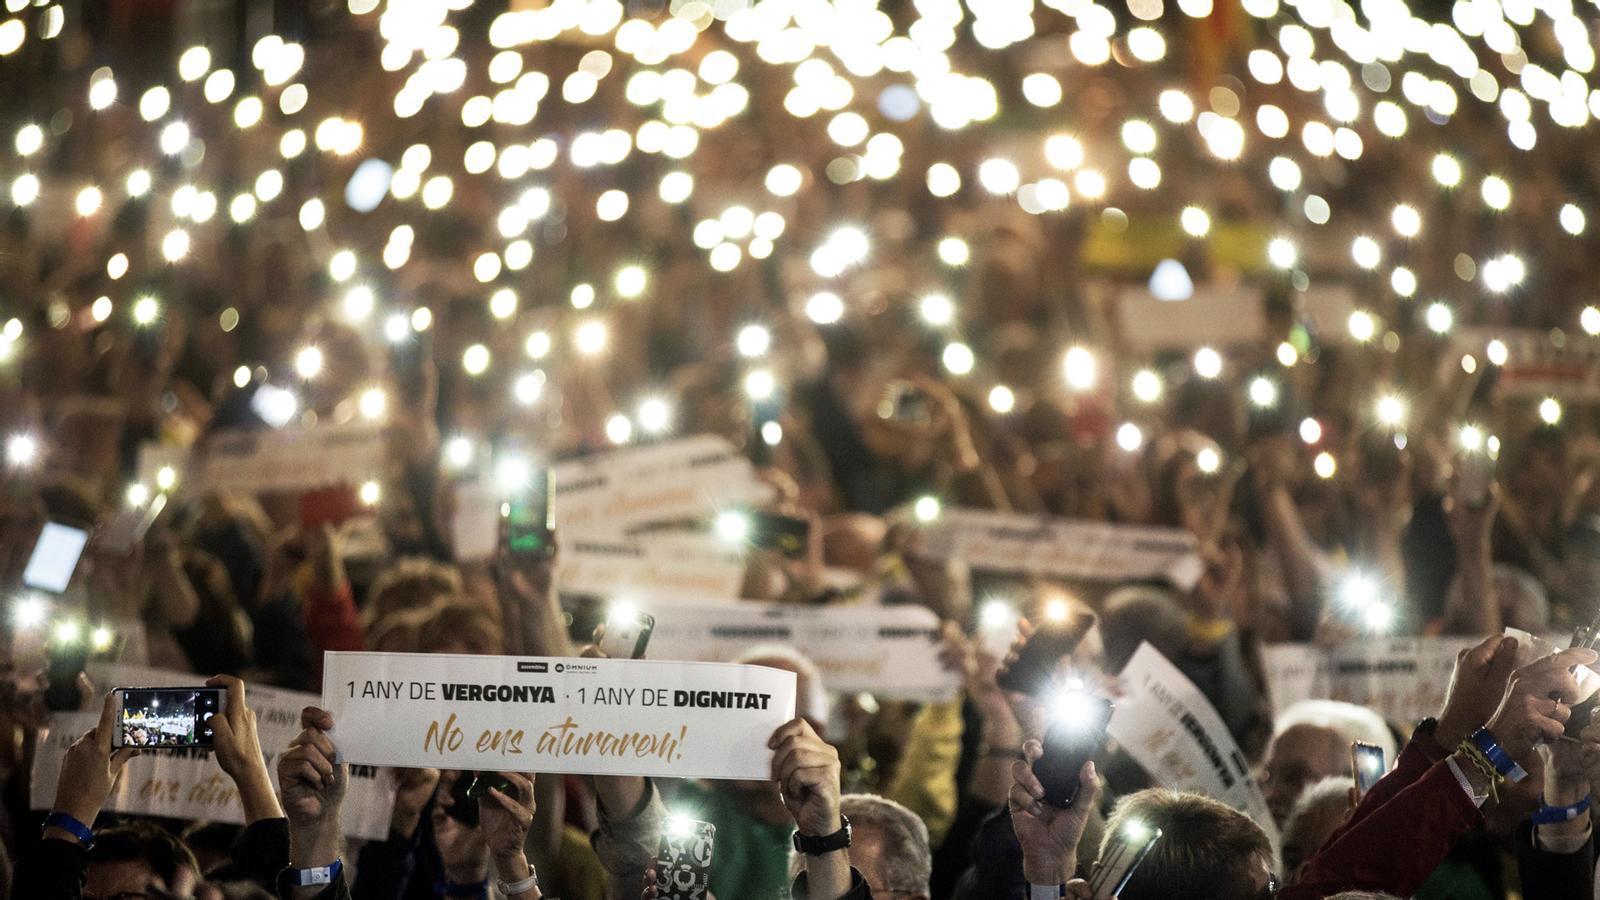 L'anàlisi d'Antoni Bassas: 'Una idea per quan tornis a casa després de les manifestacions'